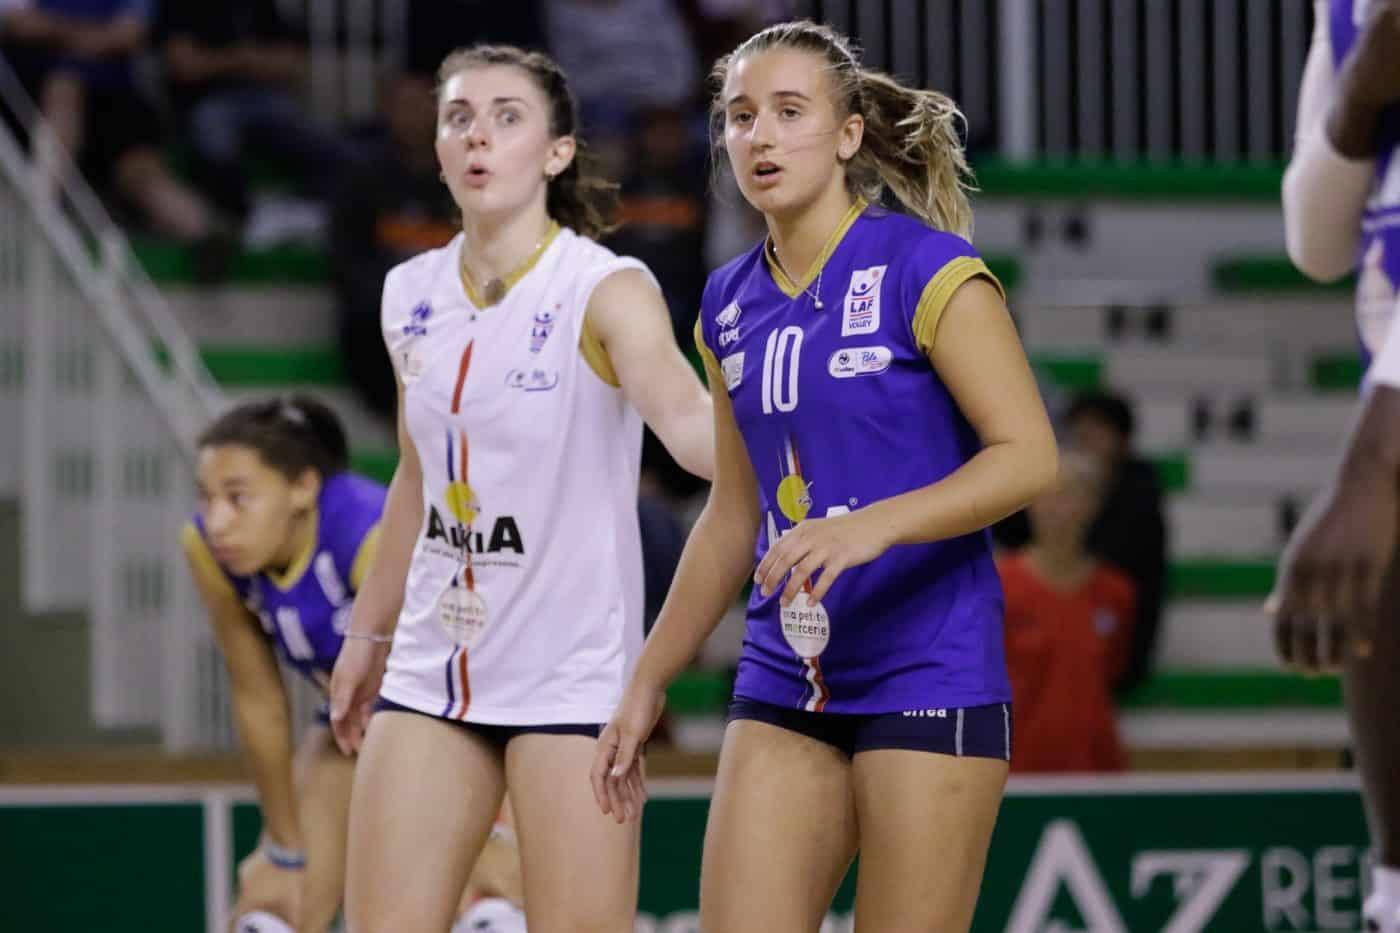 maillot-volley-LAF-2019-2020-france-avenir-2024-errea-2